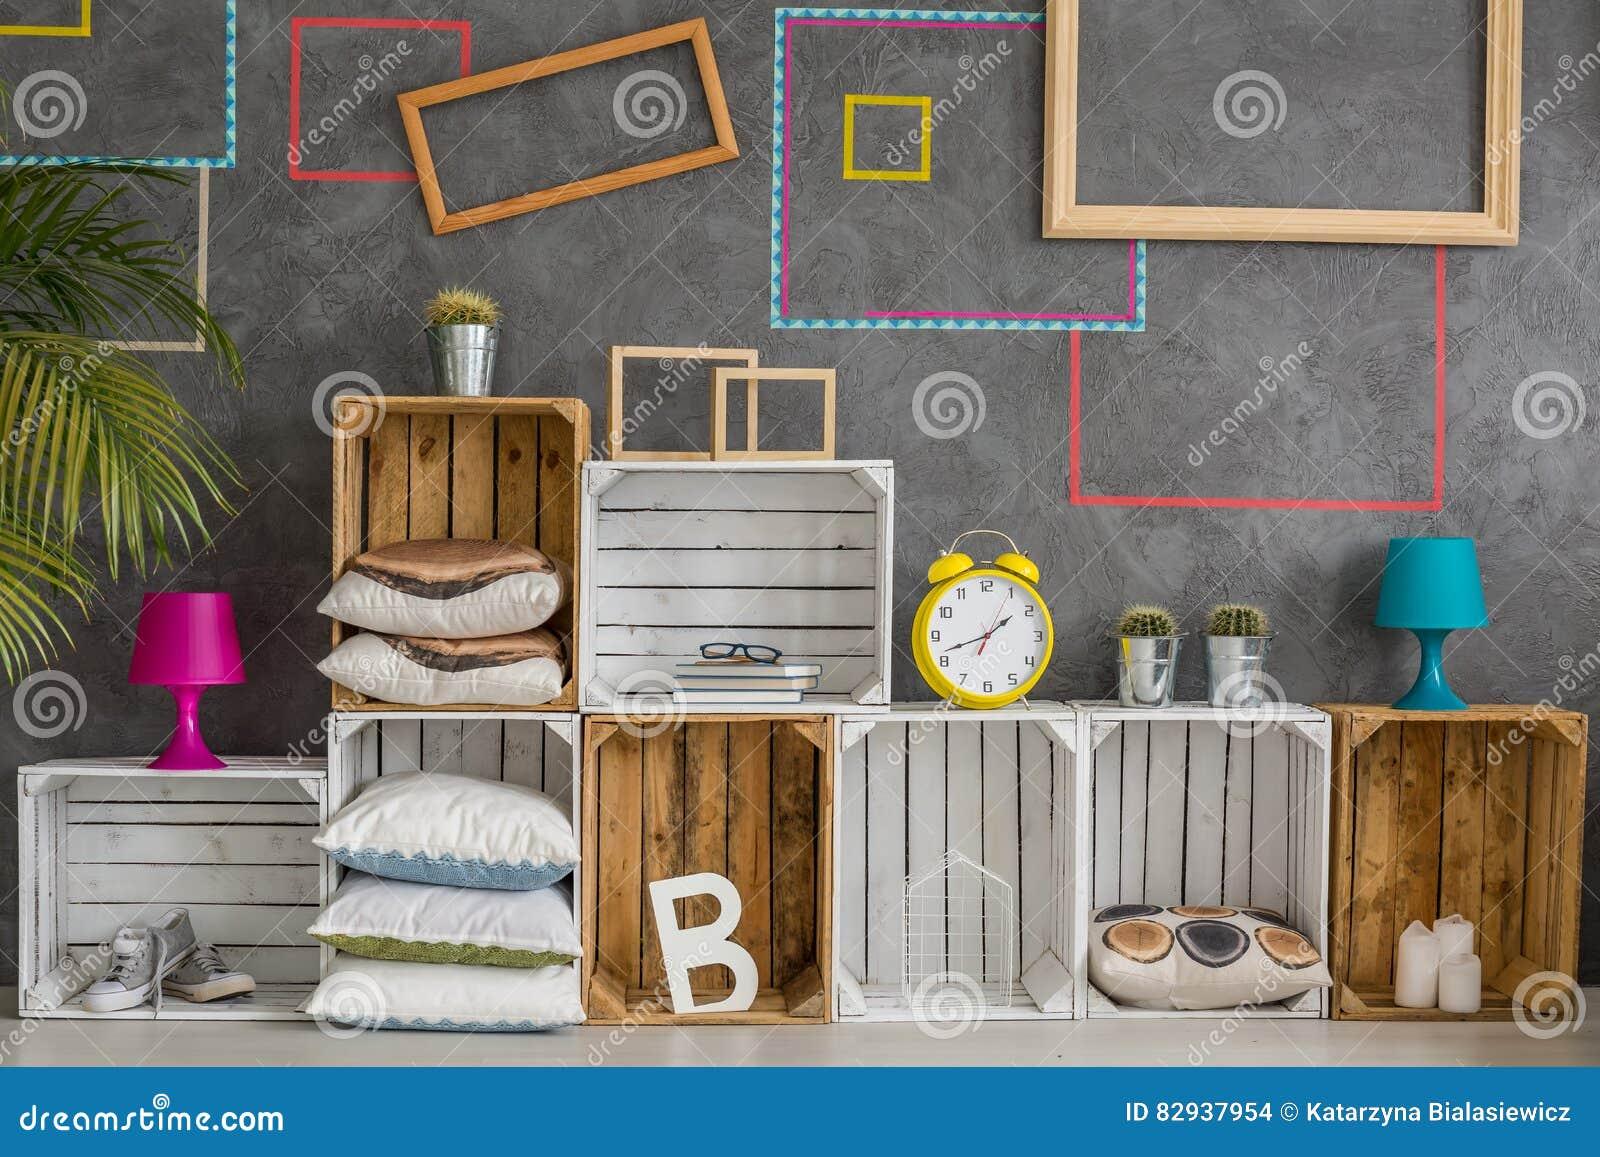 木箱作为架子